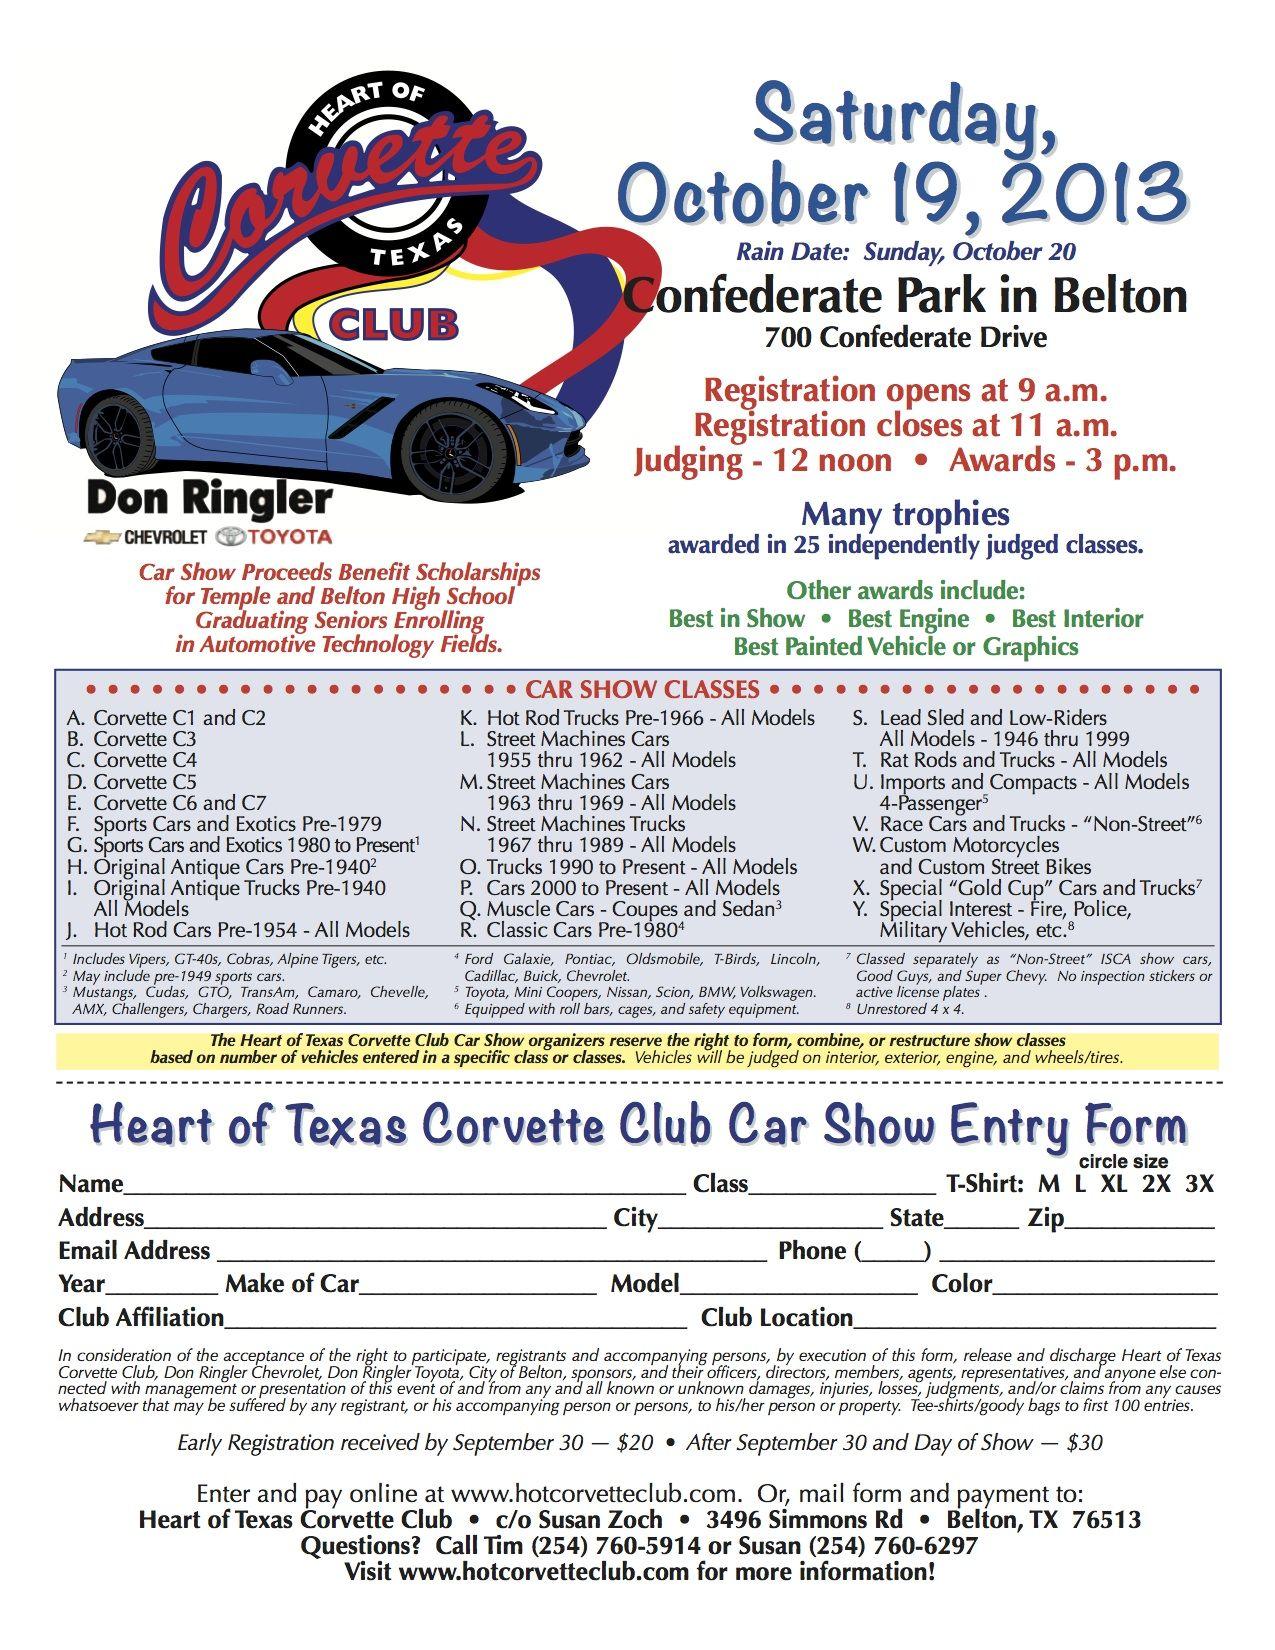 Heart Of Texas Corvette Club - October 19 Car Show